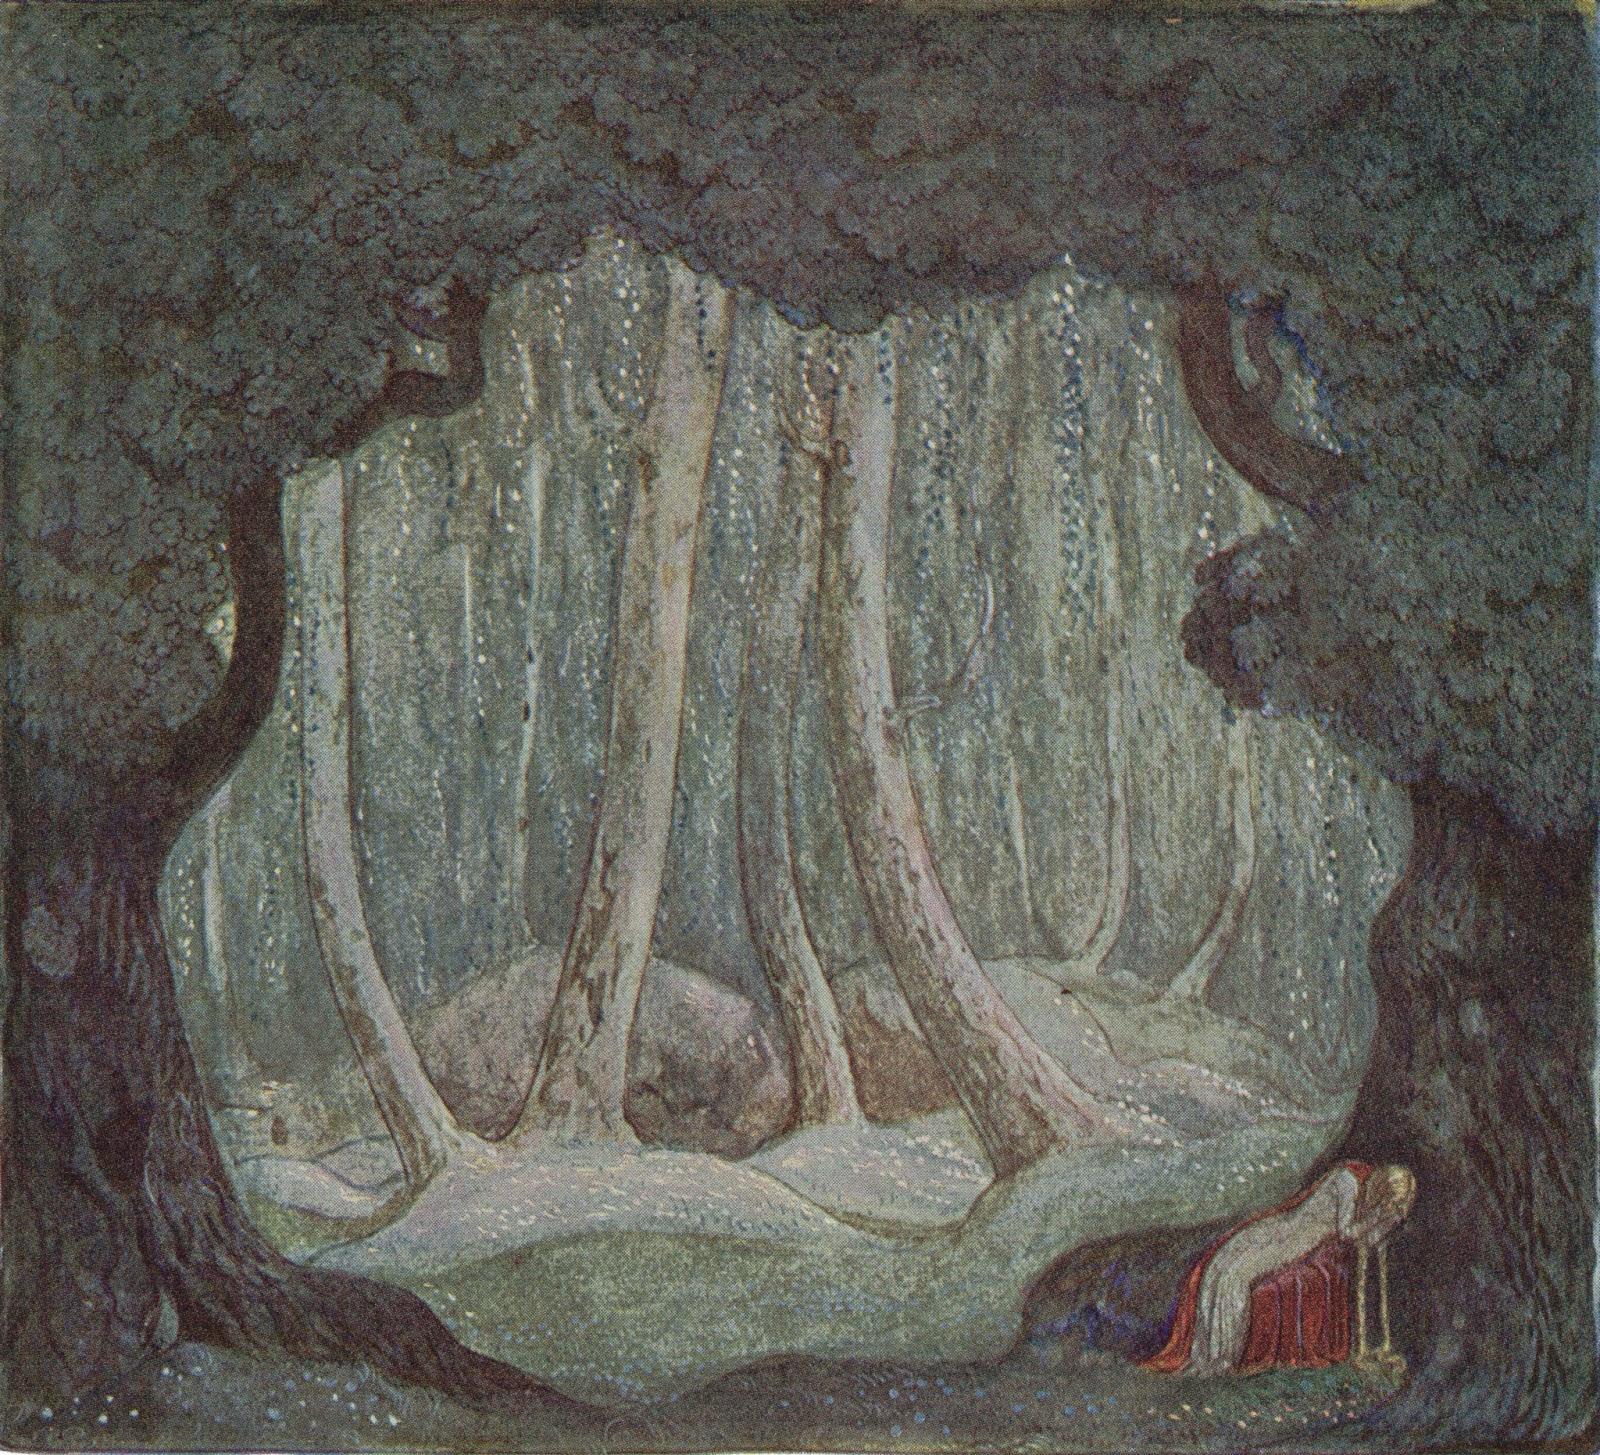 Открытки с иллюстрациями йона бауэра